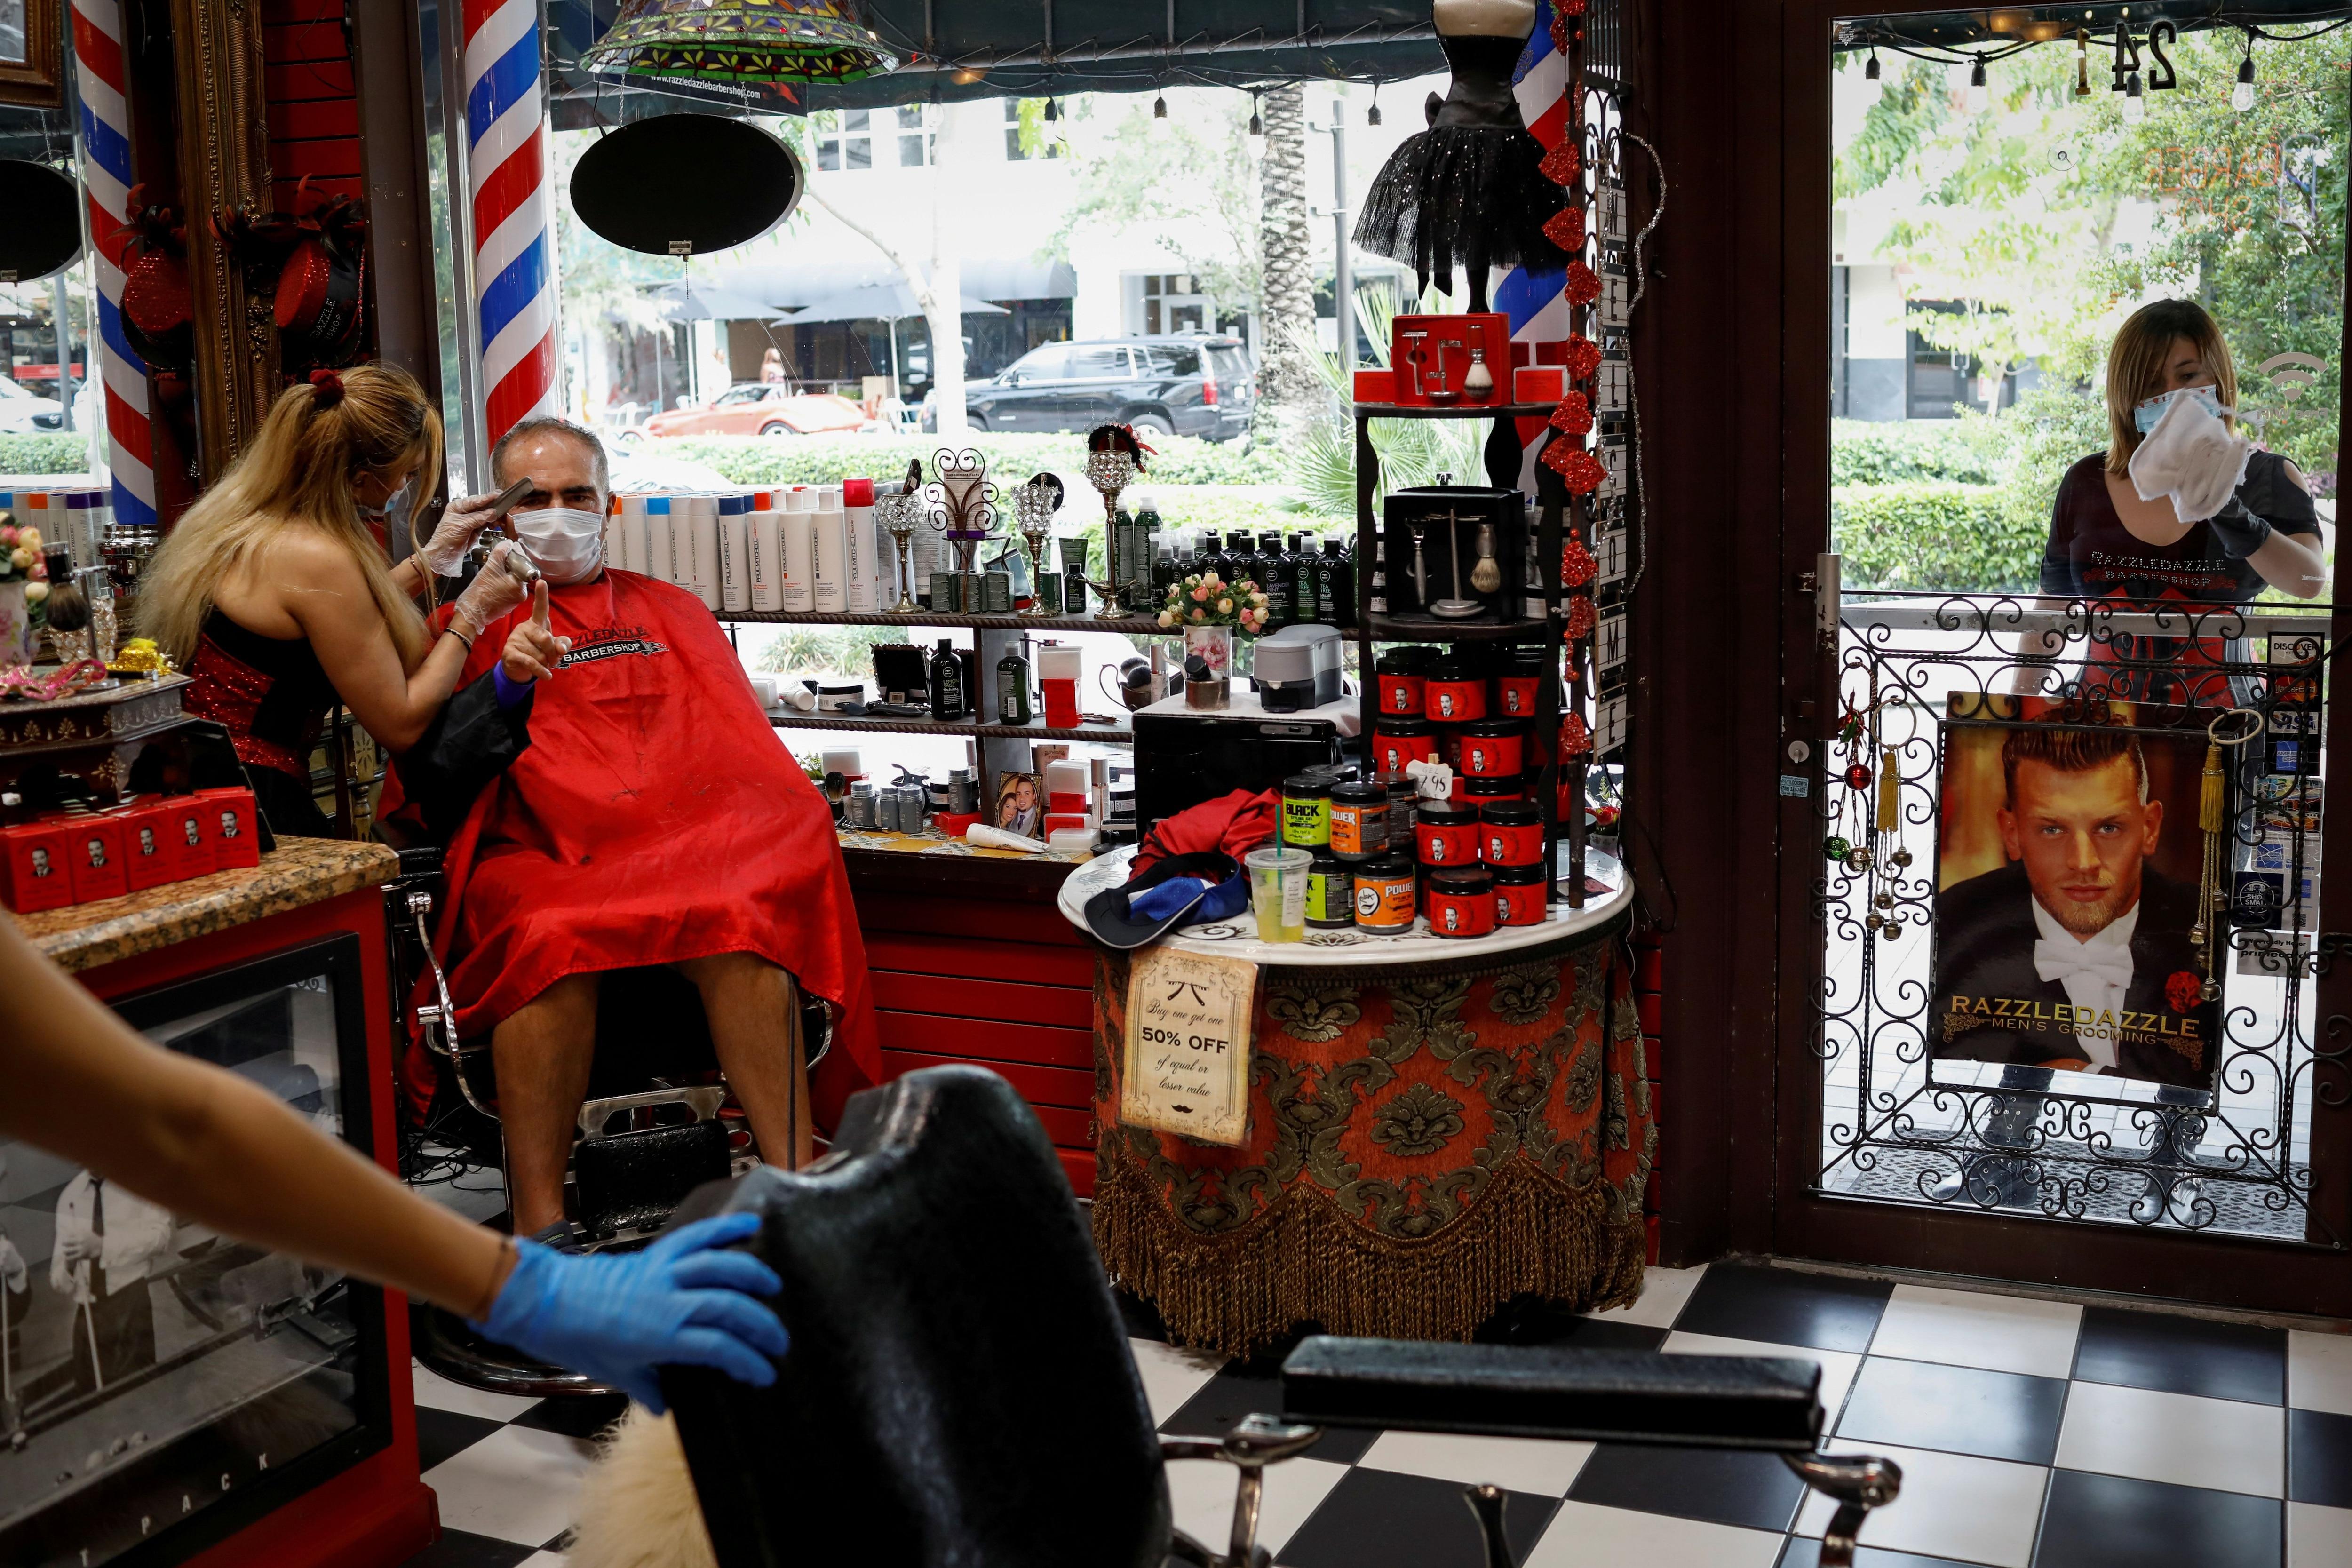 Aunque se hayan vacunados completamente, las personas deben seguir yendo con barbijo o mascarilla a la peluquería, al restaurant o al cine, entre otros lugares cerrados. Es porque aún hay chances de contagiarse y de contagiar el coronavirus, aunque la vacuna baja el riesgo de desarrollar cuadros graves / REUTERS/Marco Bello